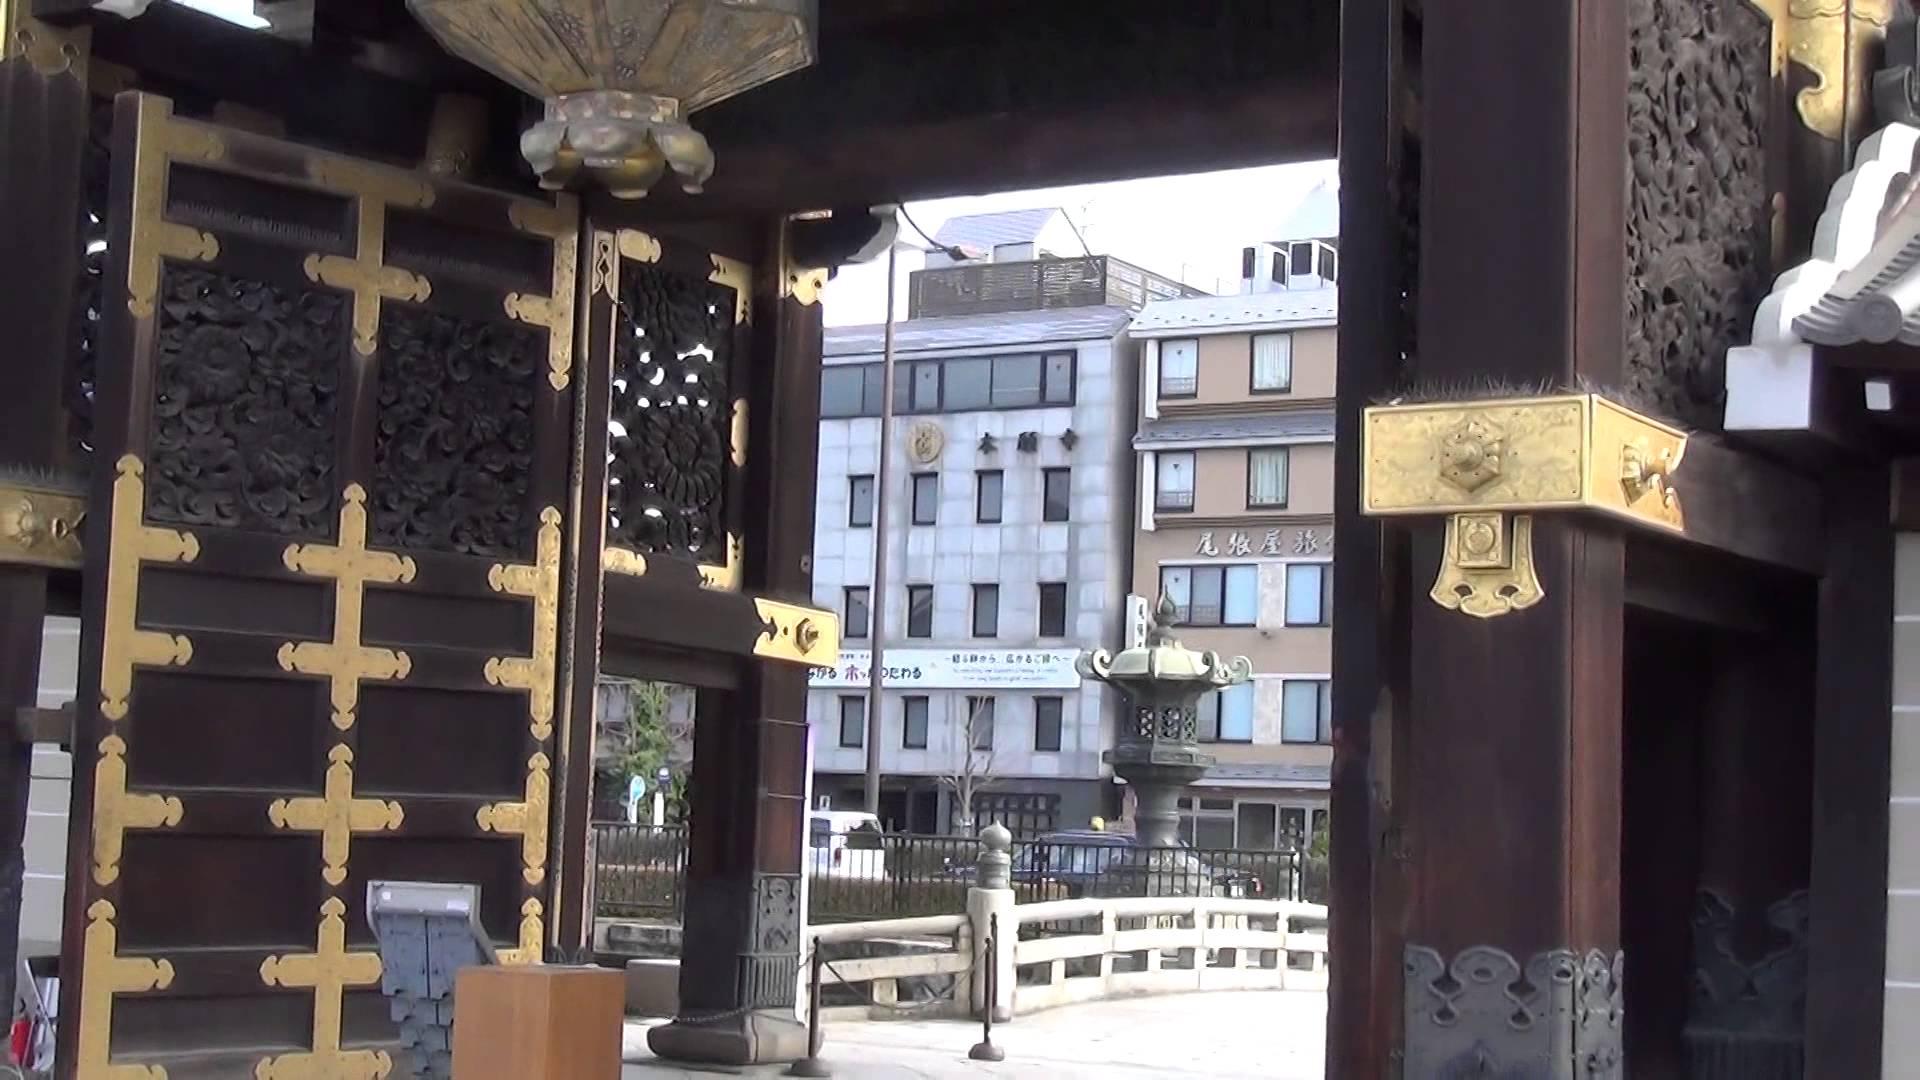 西本願寺編4 御影堂門をじっくり鑑賞